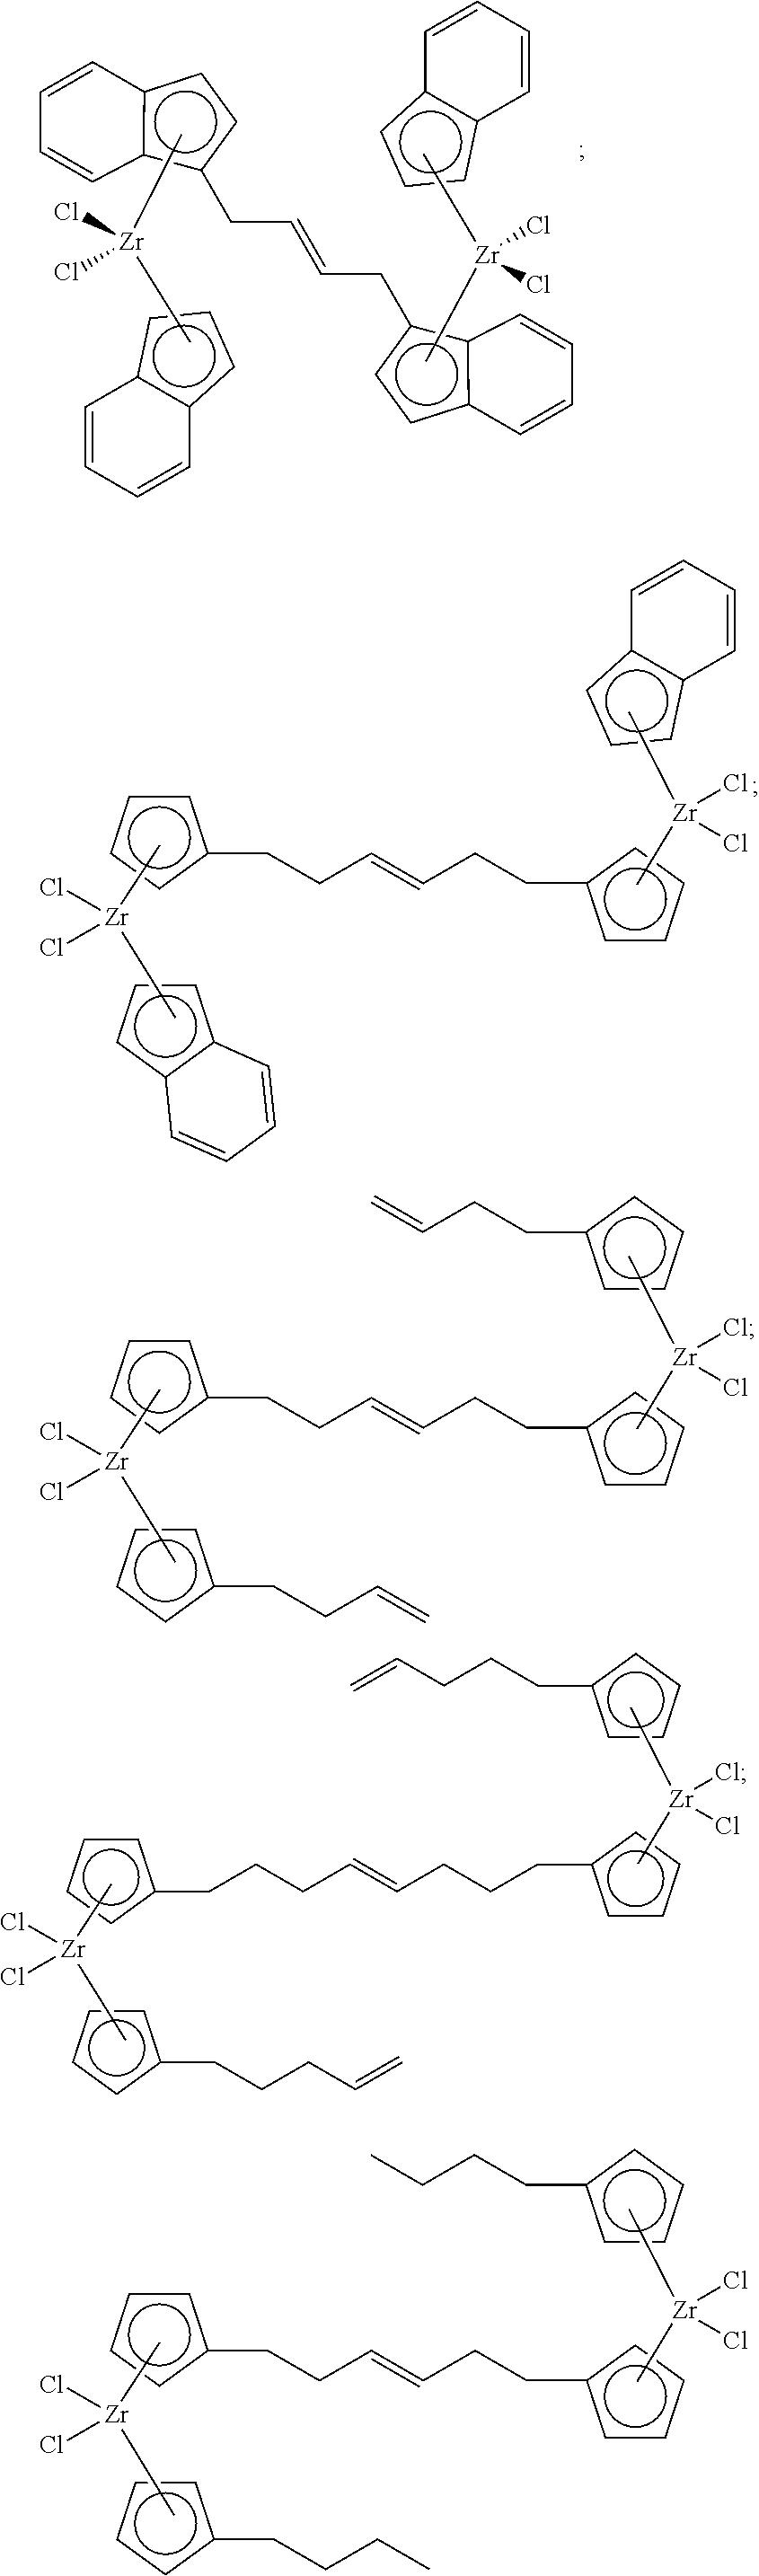 Figure US08080681-20111220-C00019